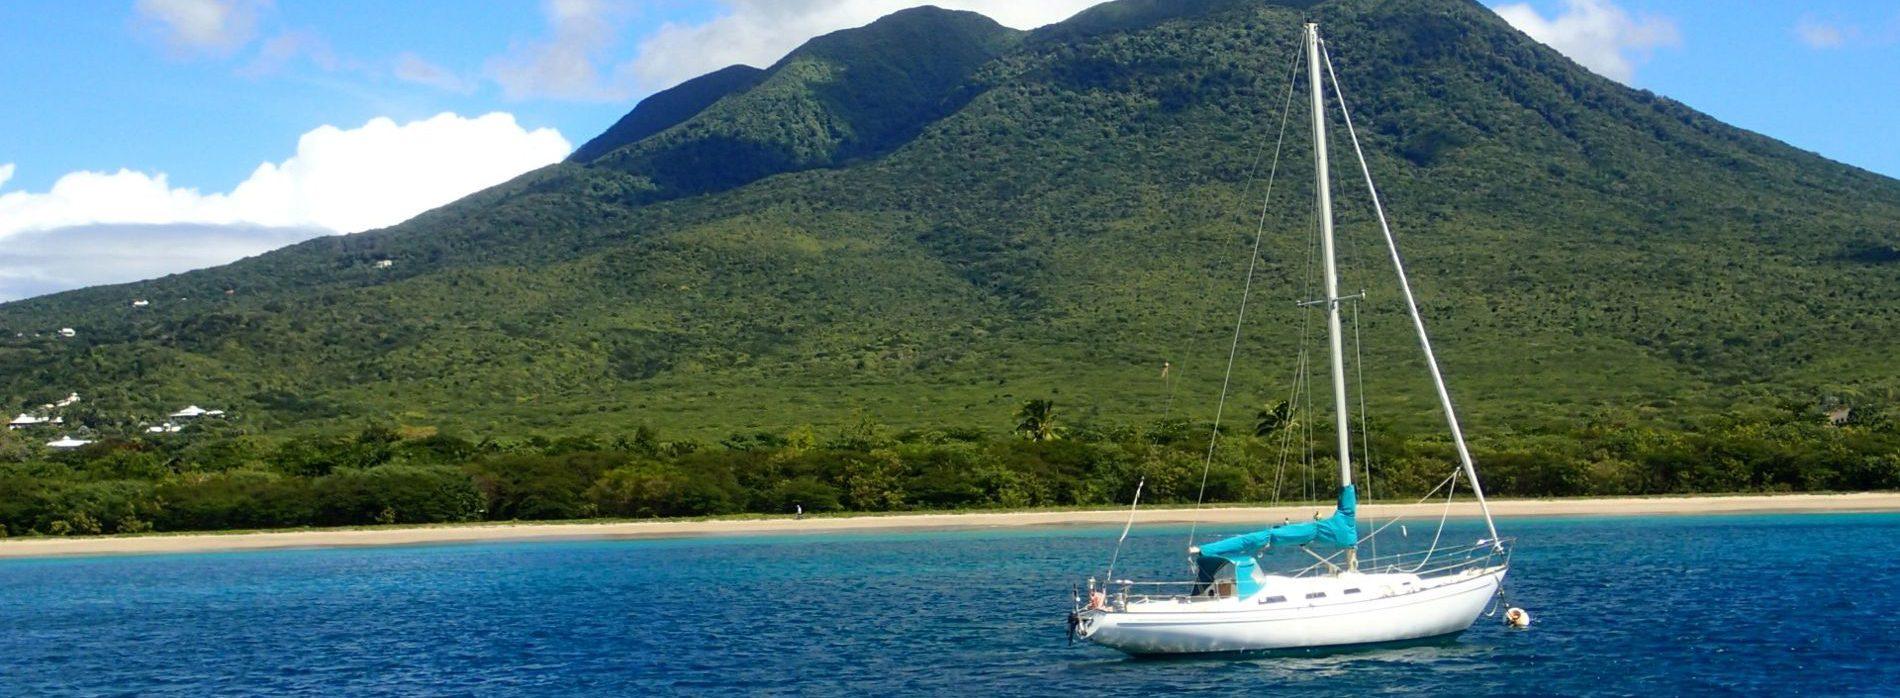 Segeln in der Karibik - Caribbean Sailing